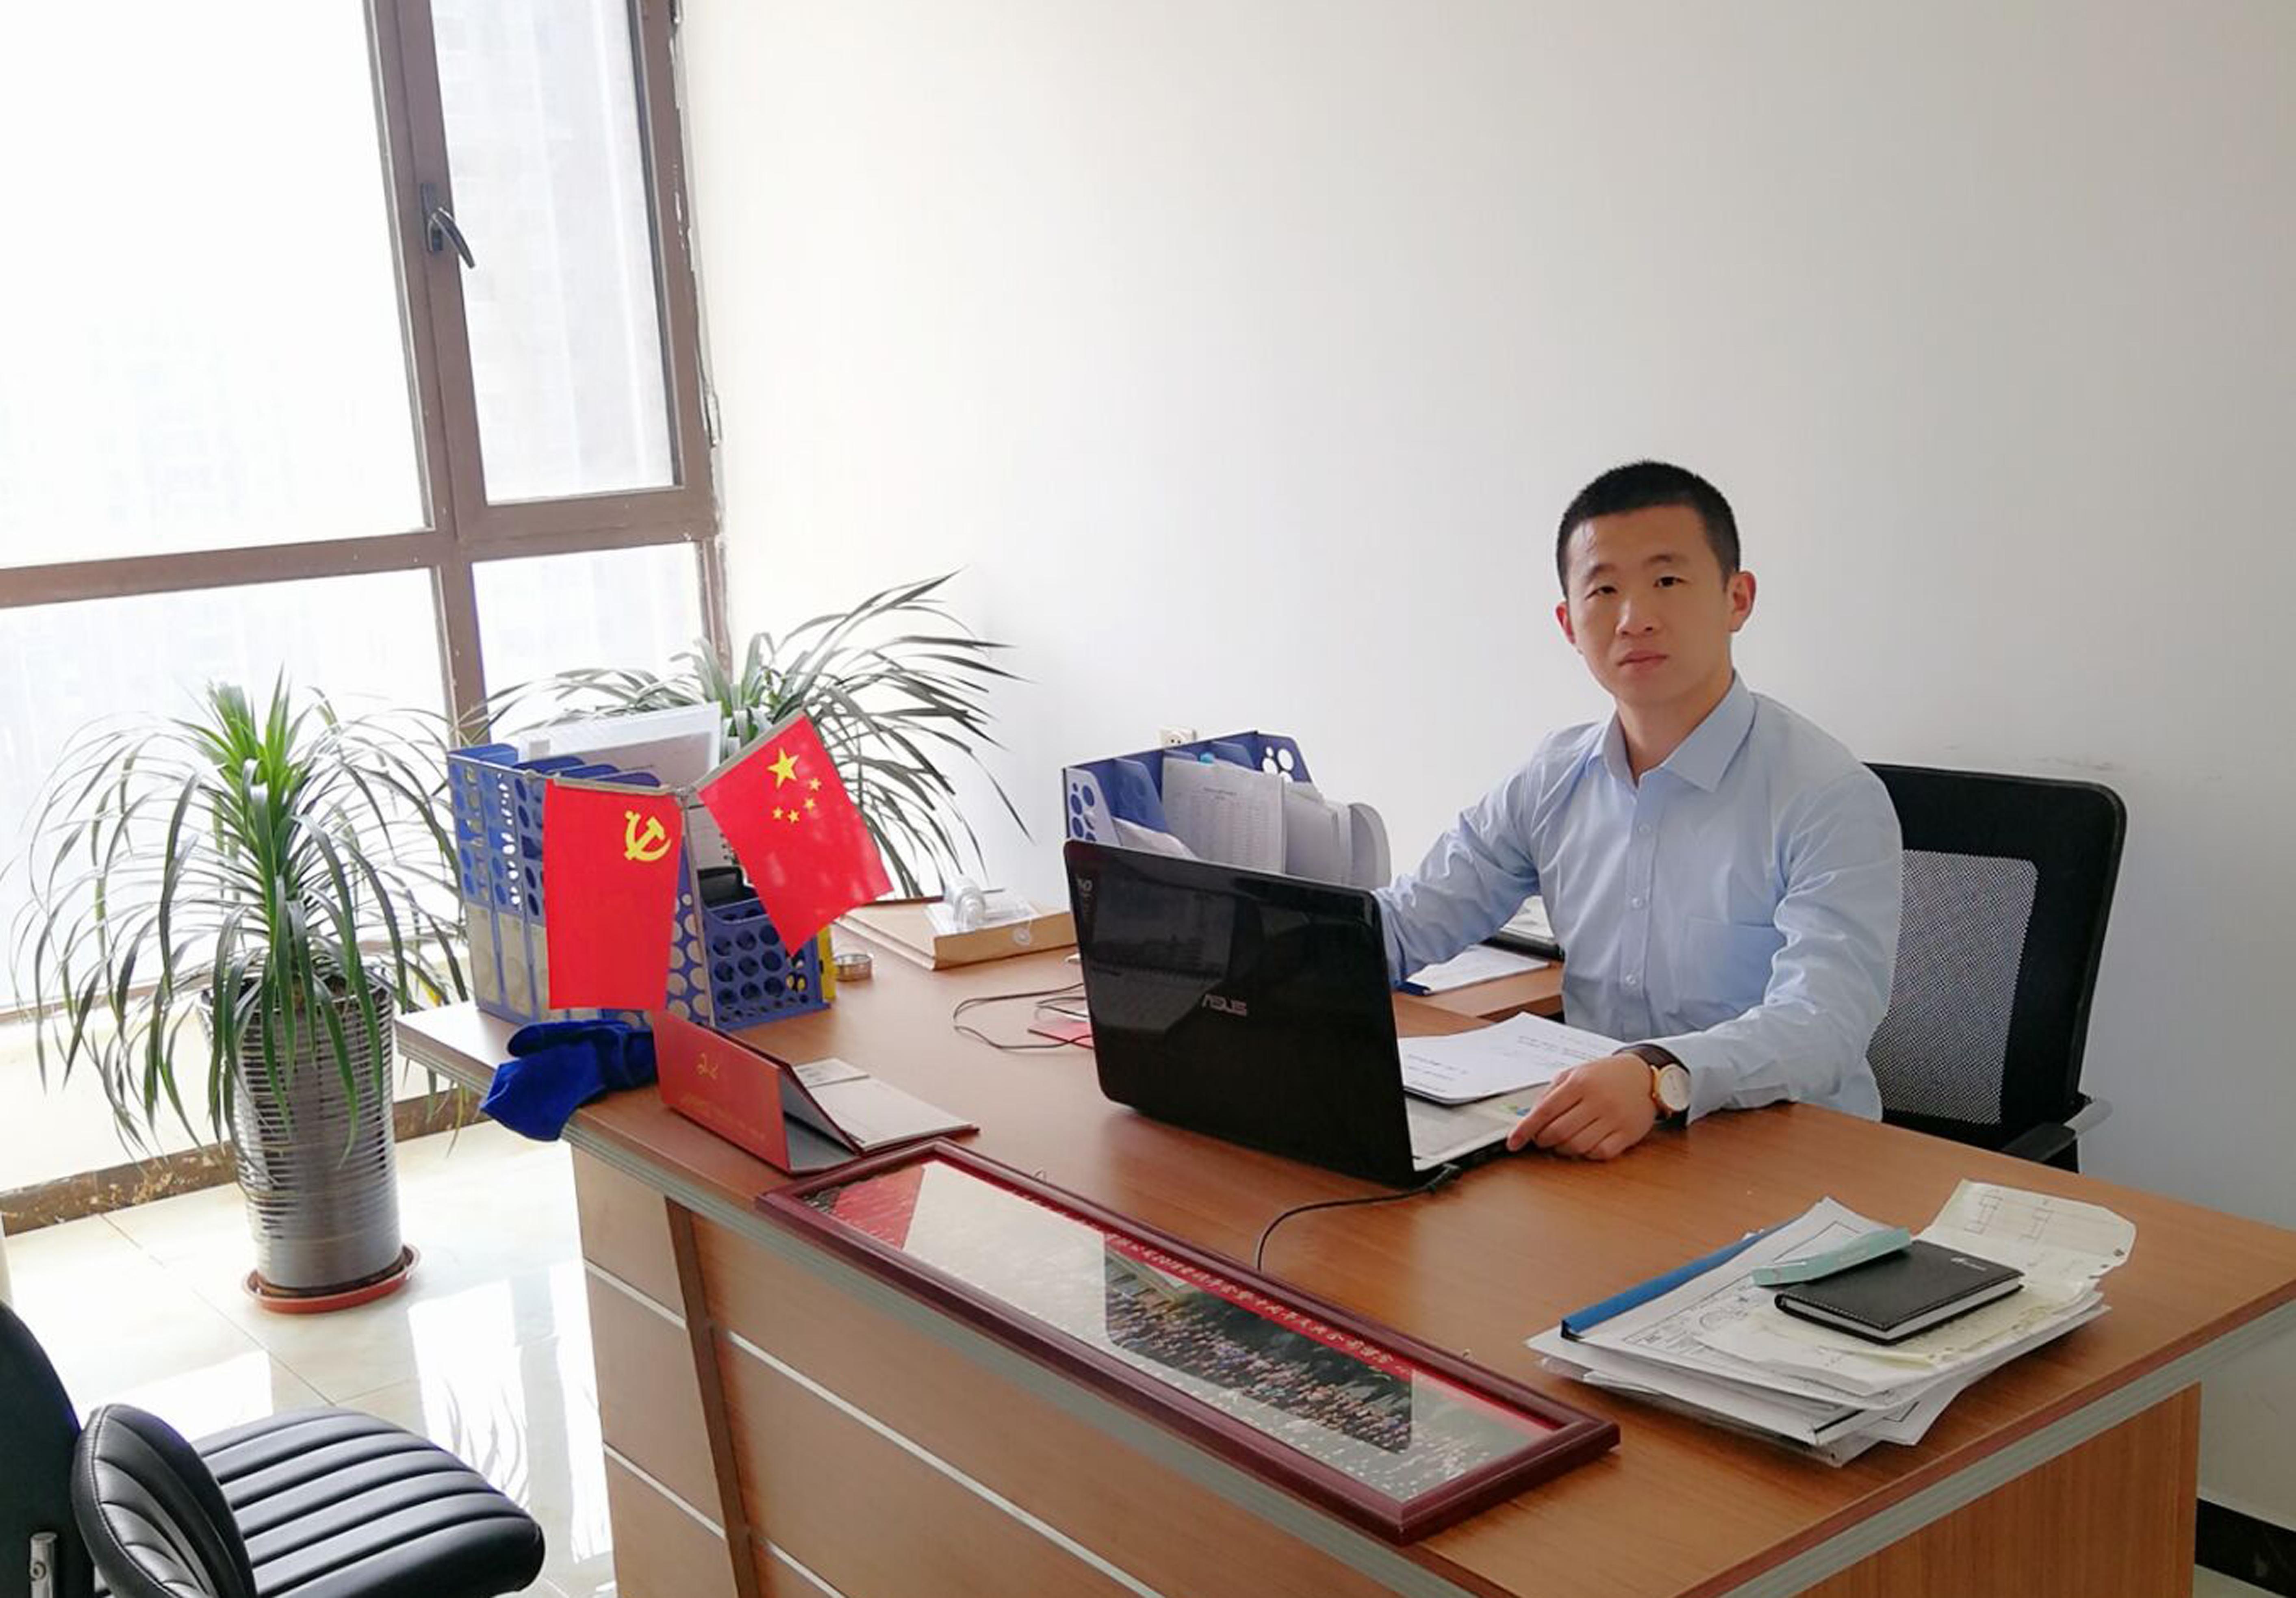 克莱斯电梯(中国)河北加装专家刘总1